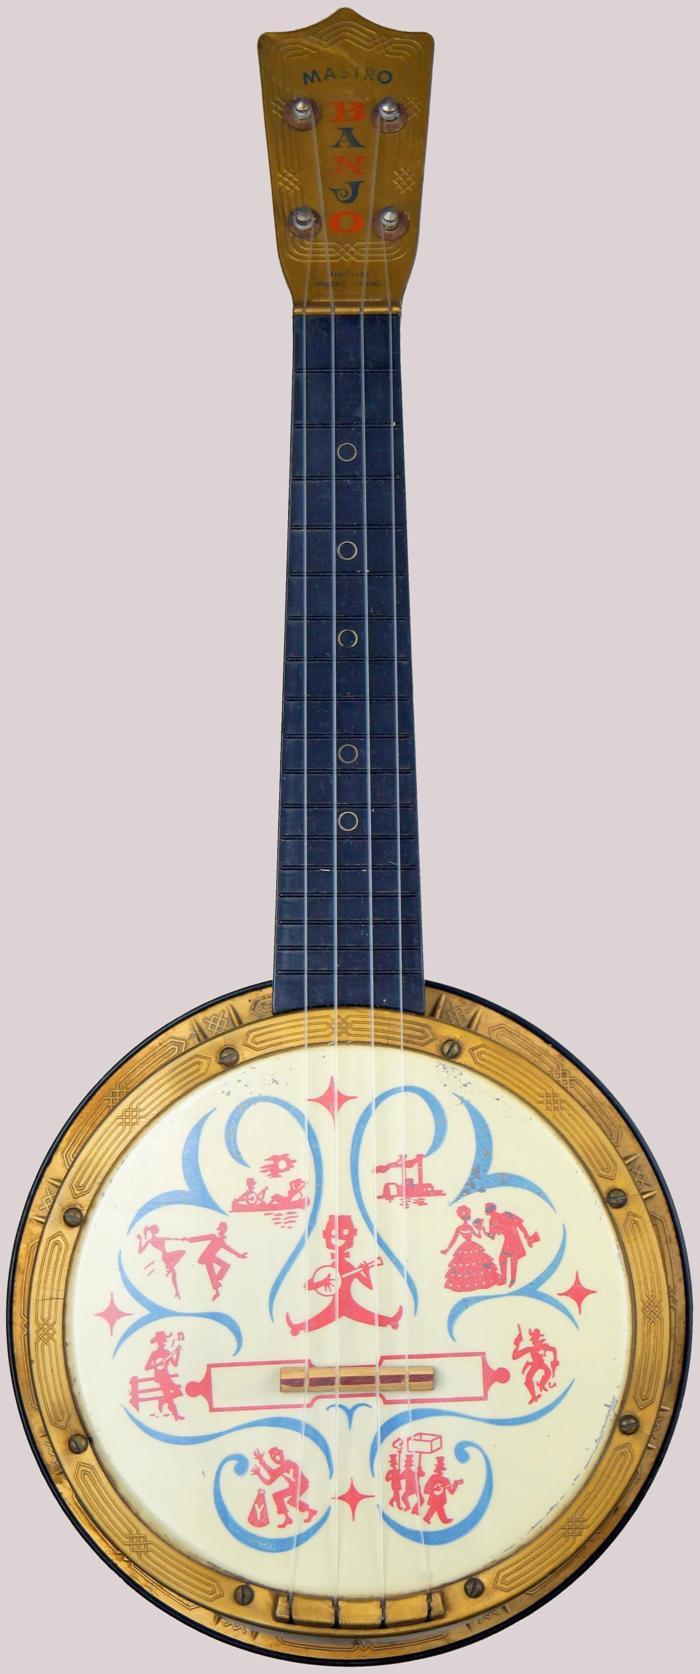 Maccaferri Maestro Plastic Banjolele Banjo Ukulele